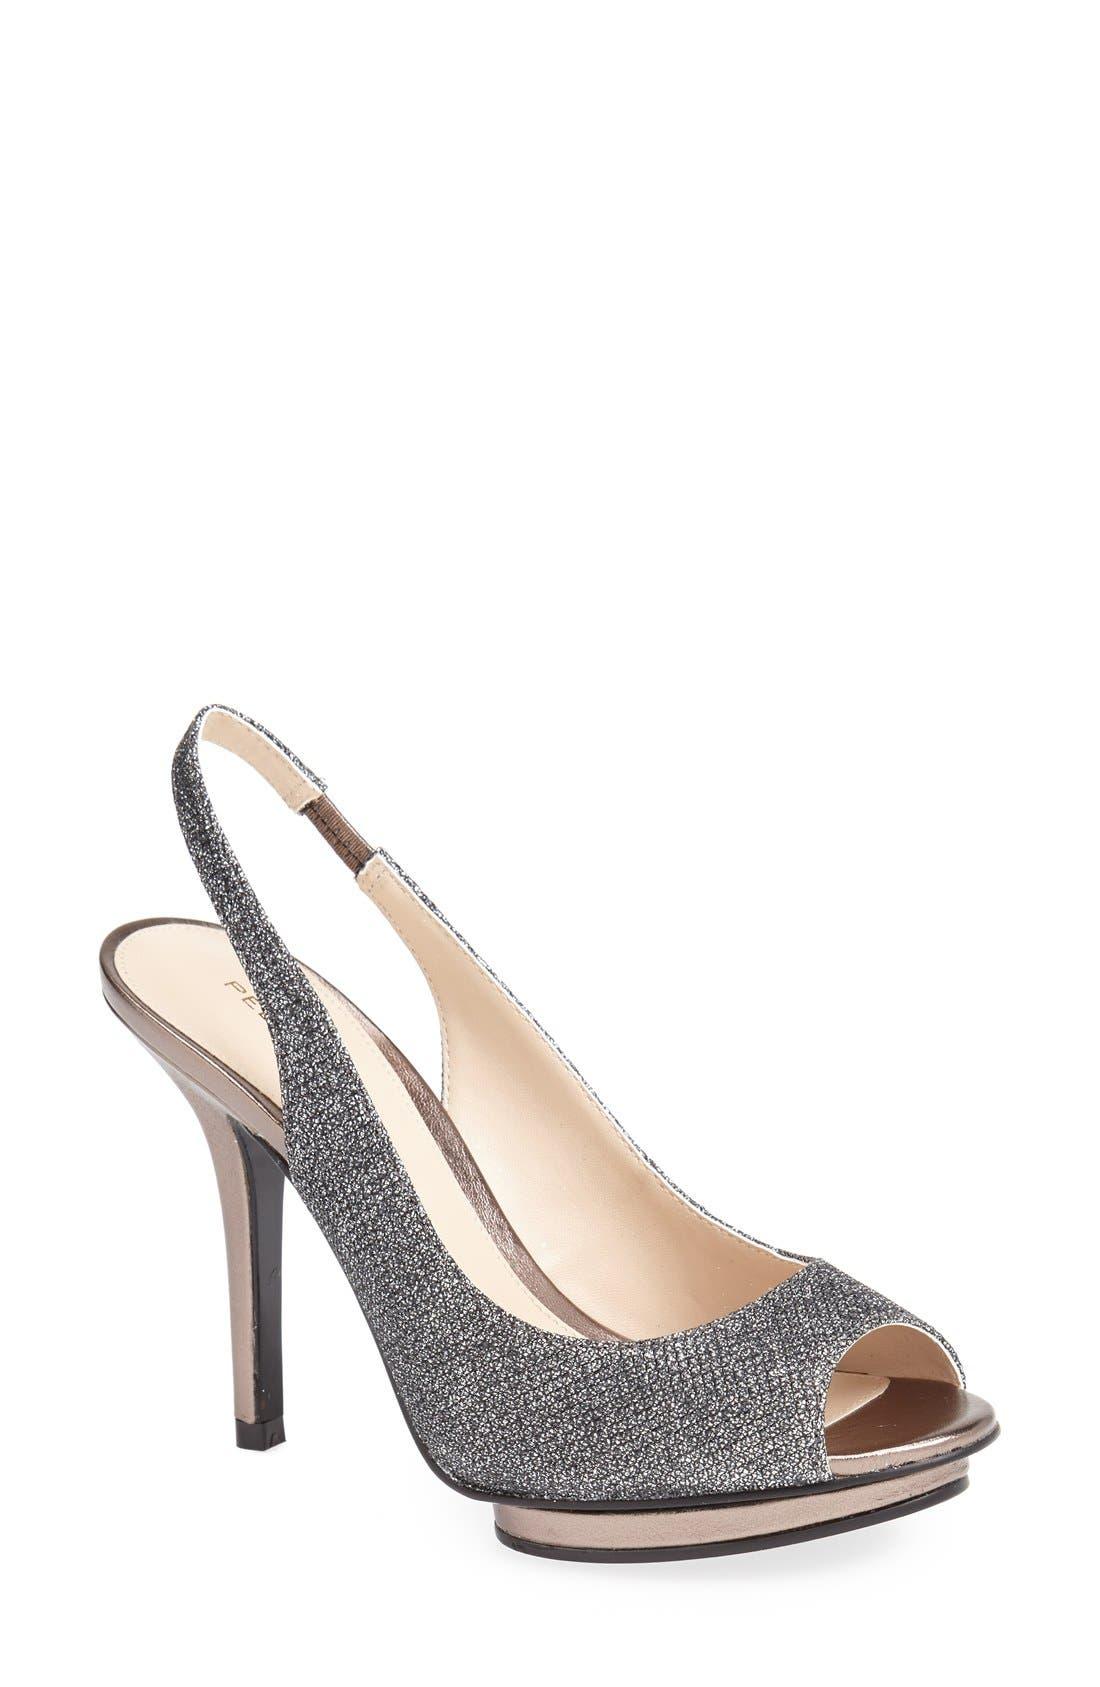 Alternate Image 1 Selected - Pelle Moda 'Rivka' Open Toe Platform Slingback Sandal (Women)